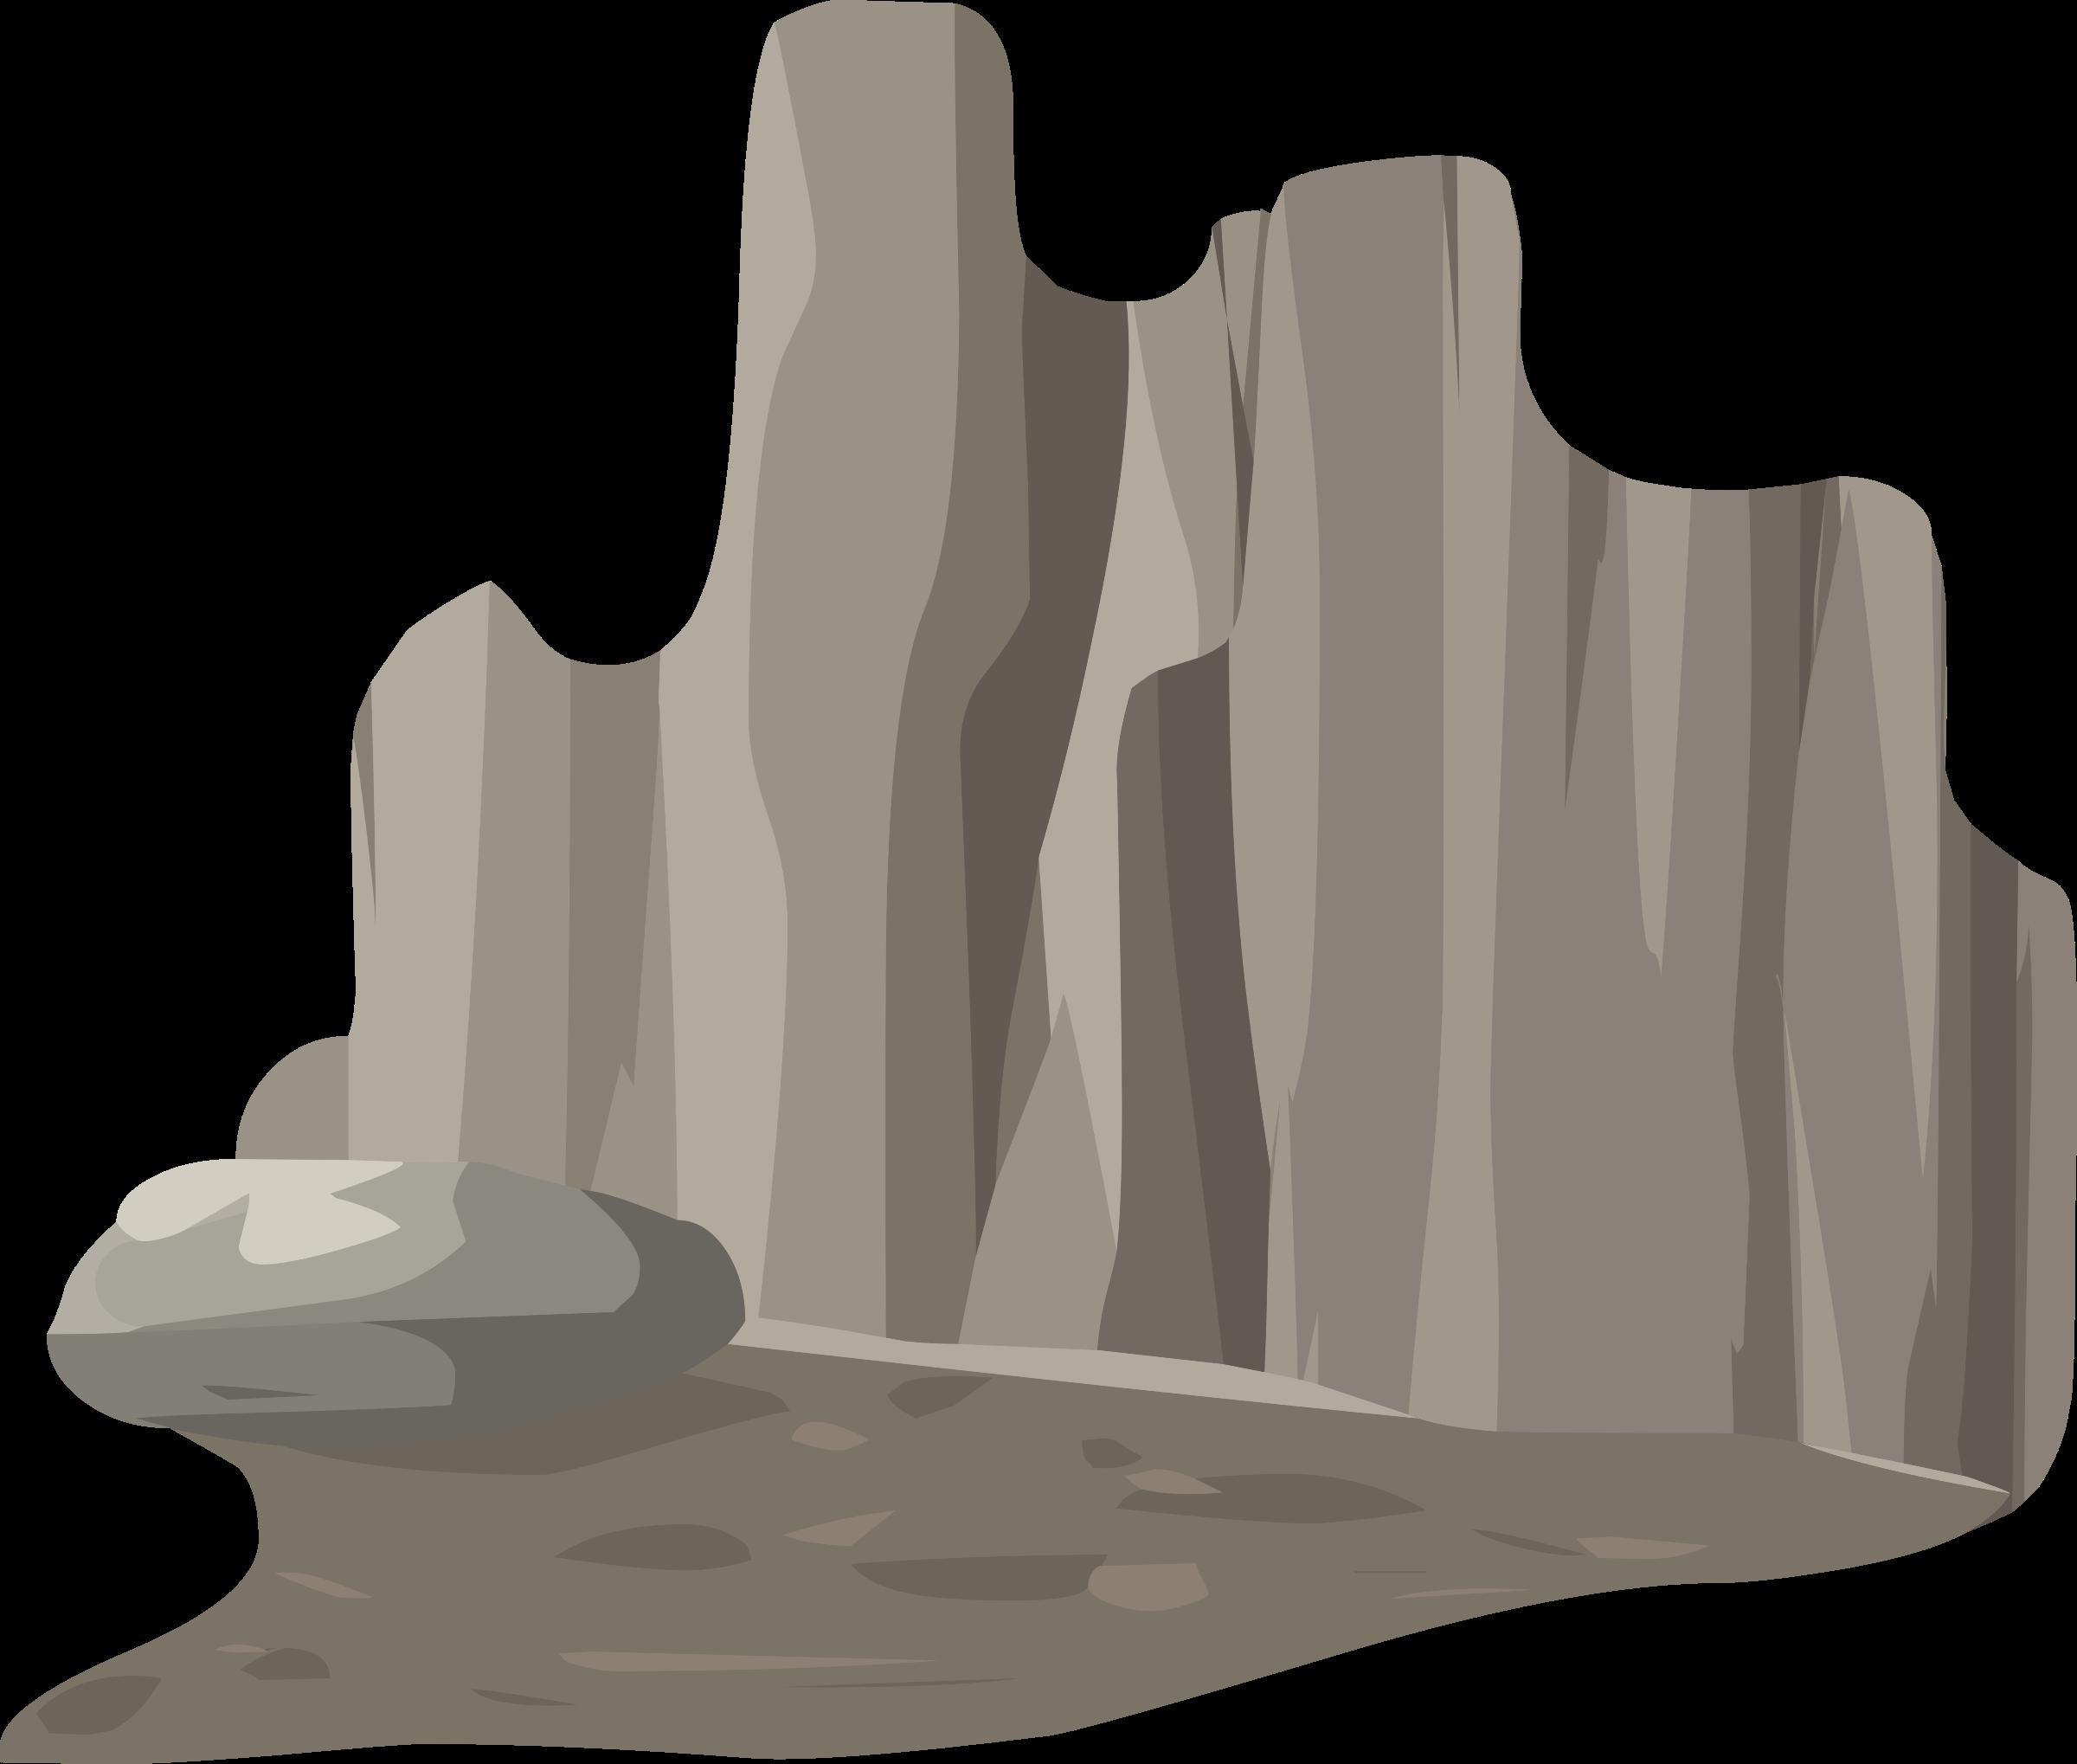 Clipart rock rock cliff. Alpine landscape face roof